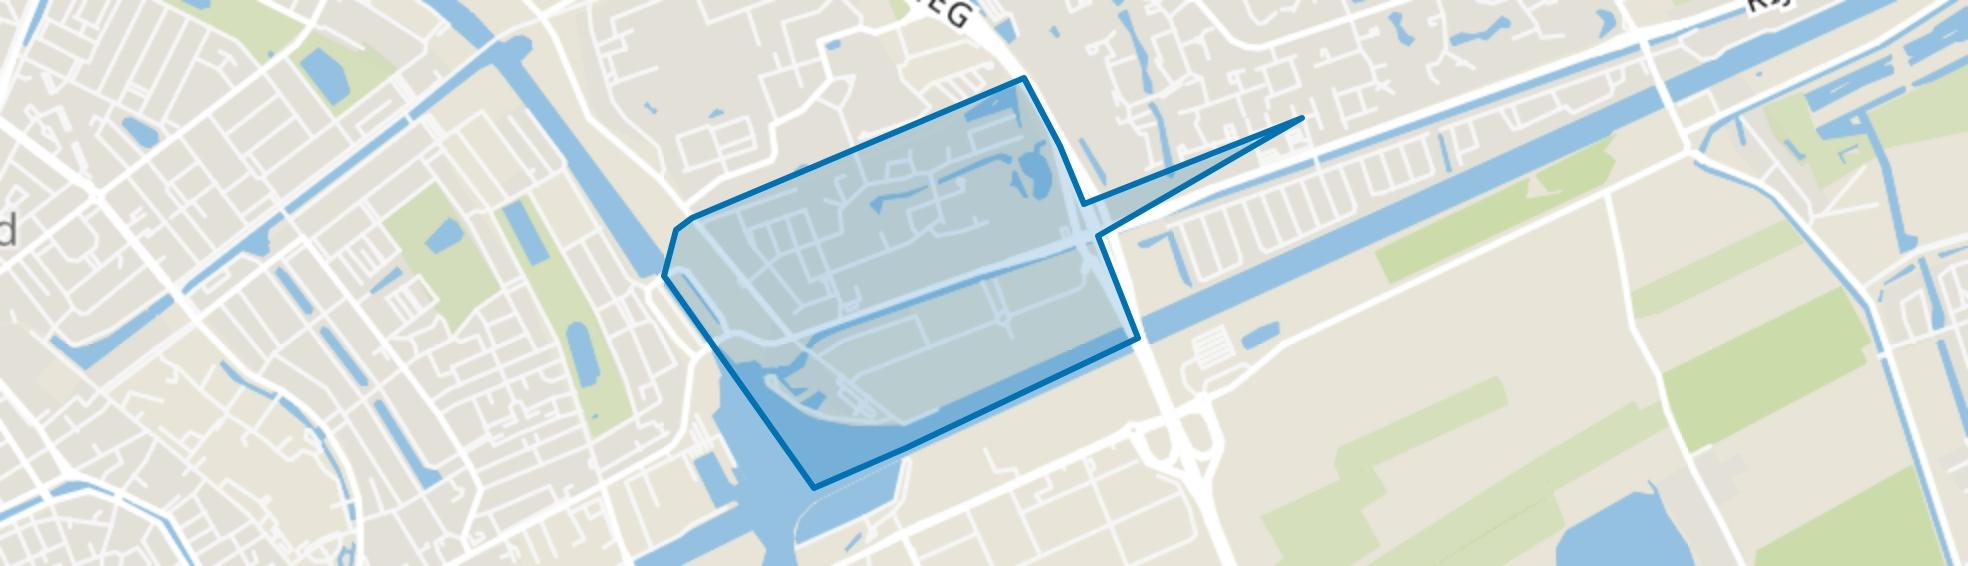 Oosterhoogebrug, Groningen map